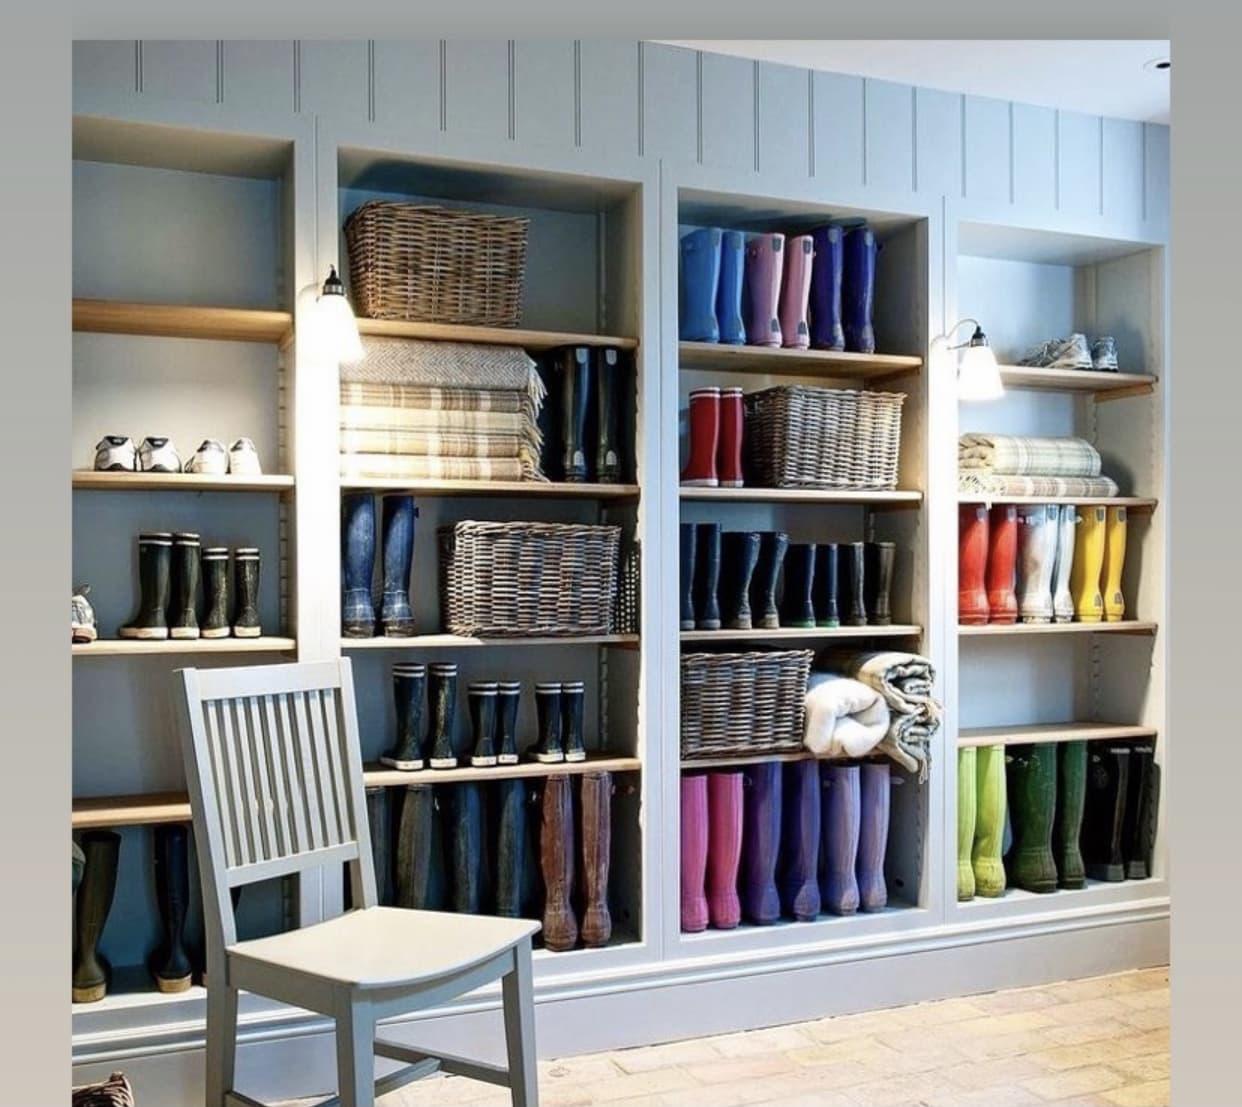 About Gemma Styles Interior Design